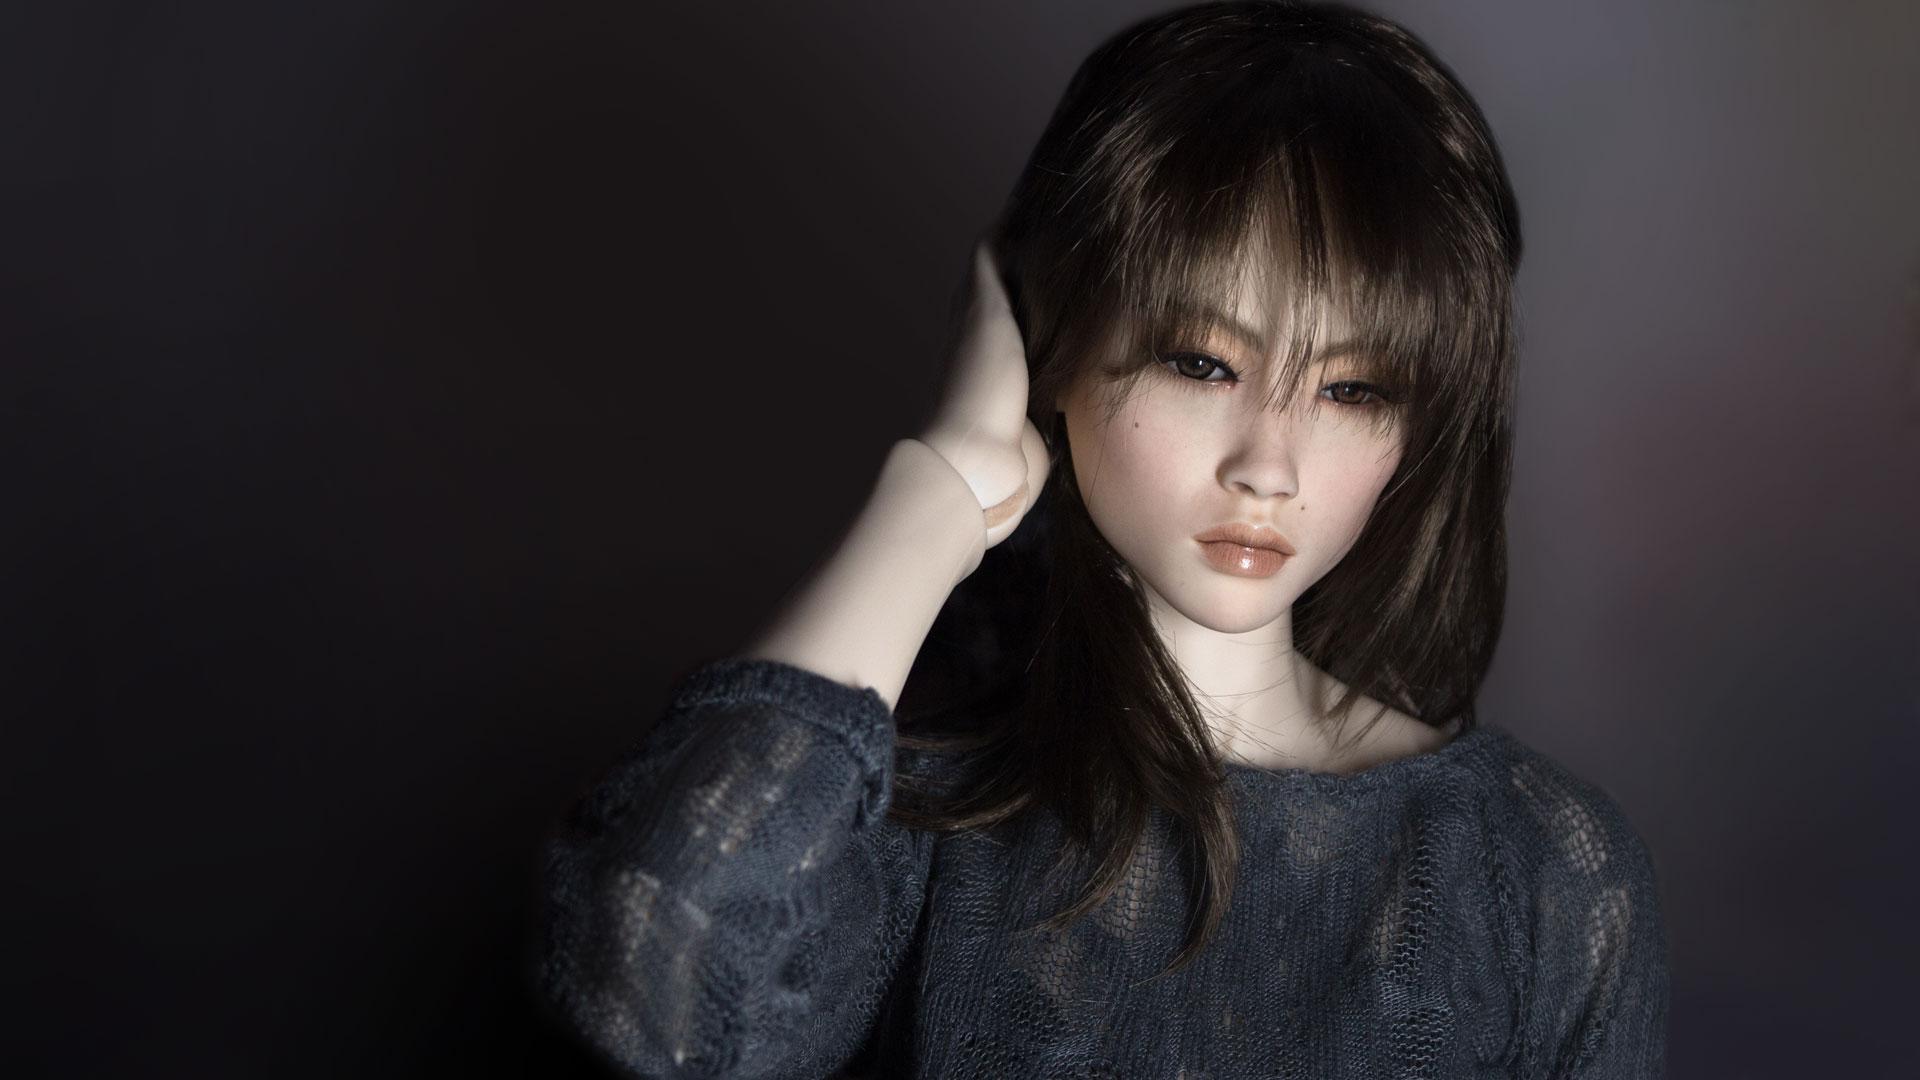 Liu_03